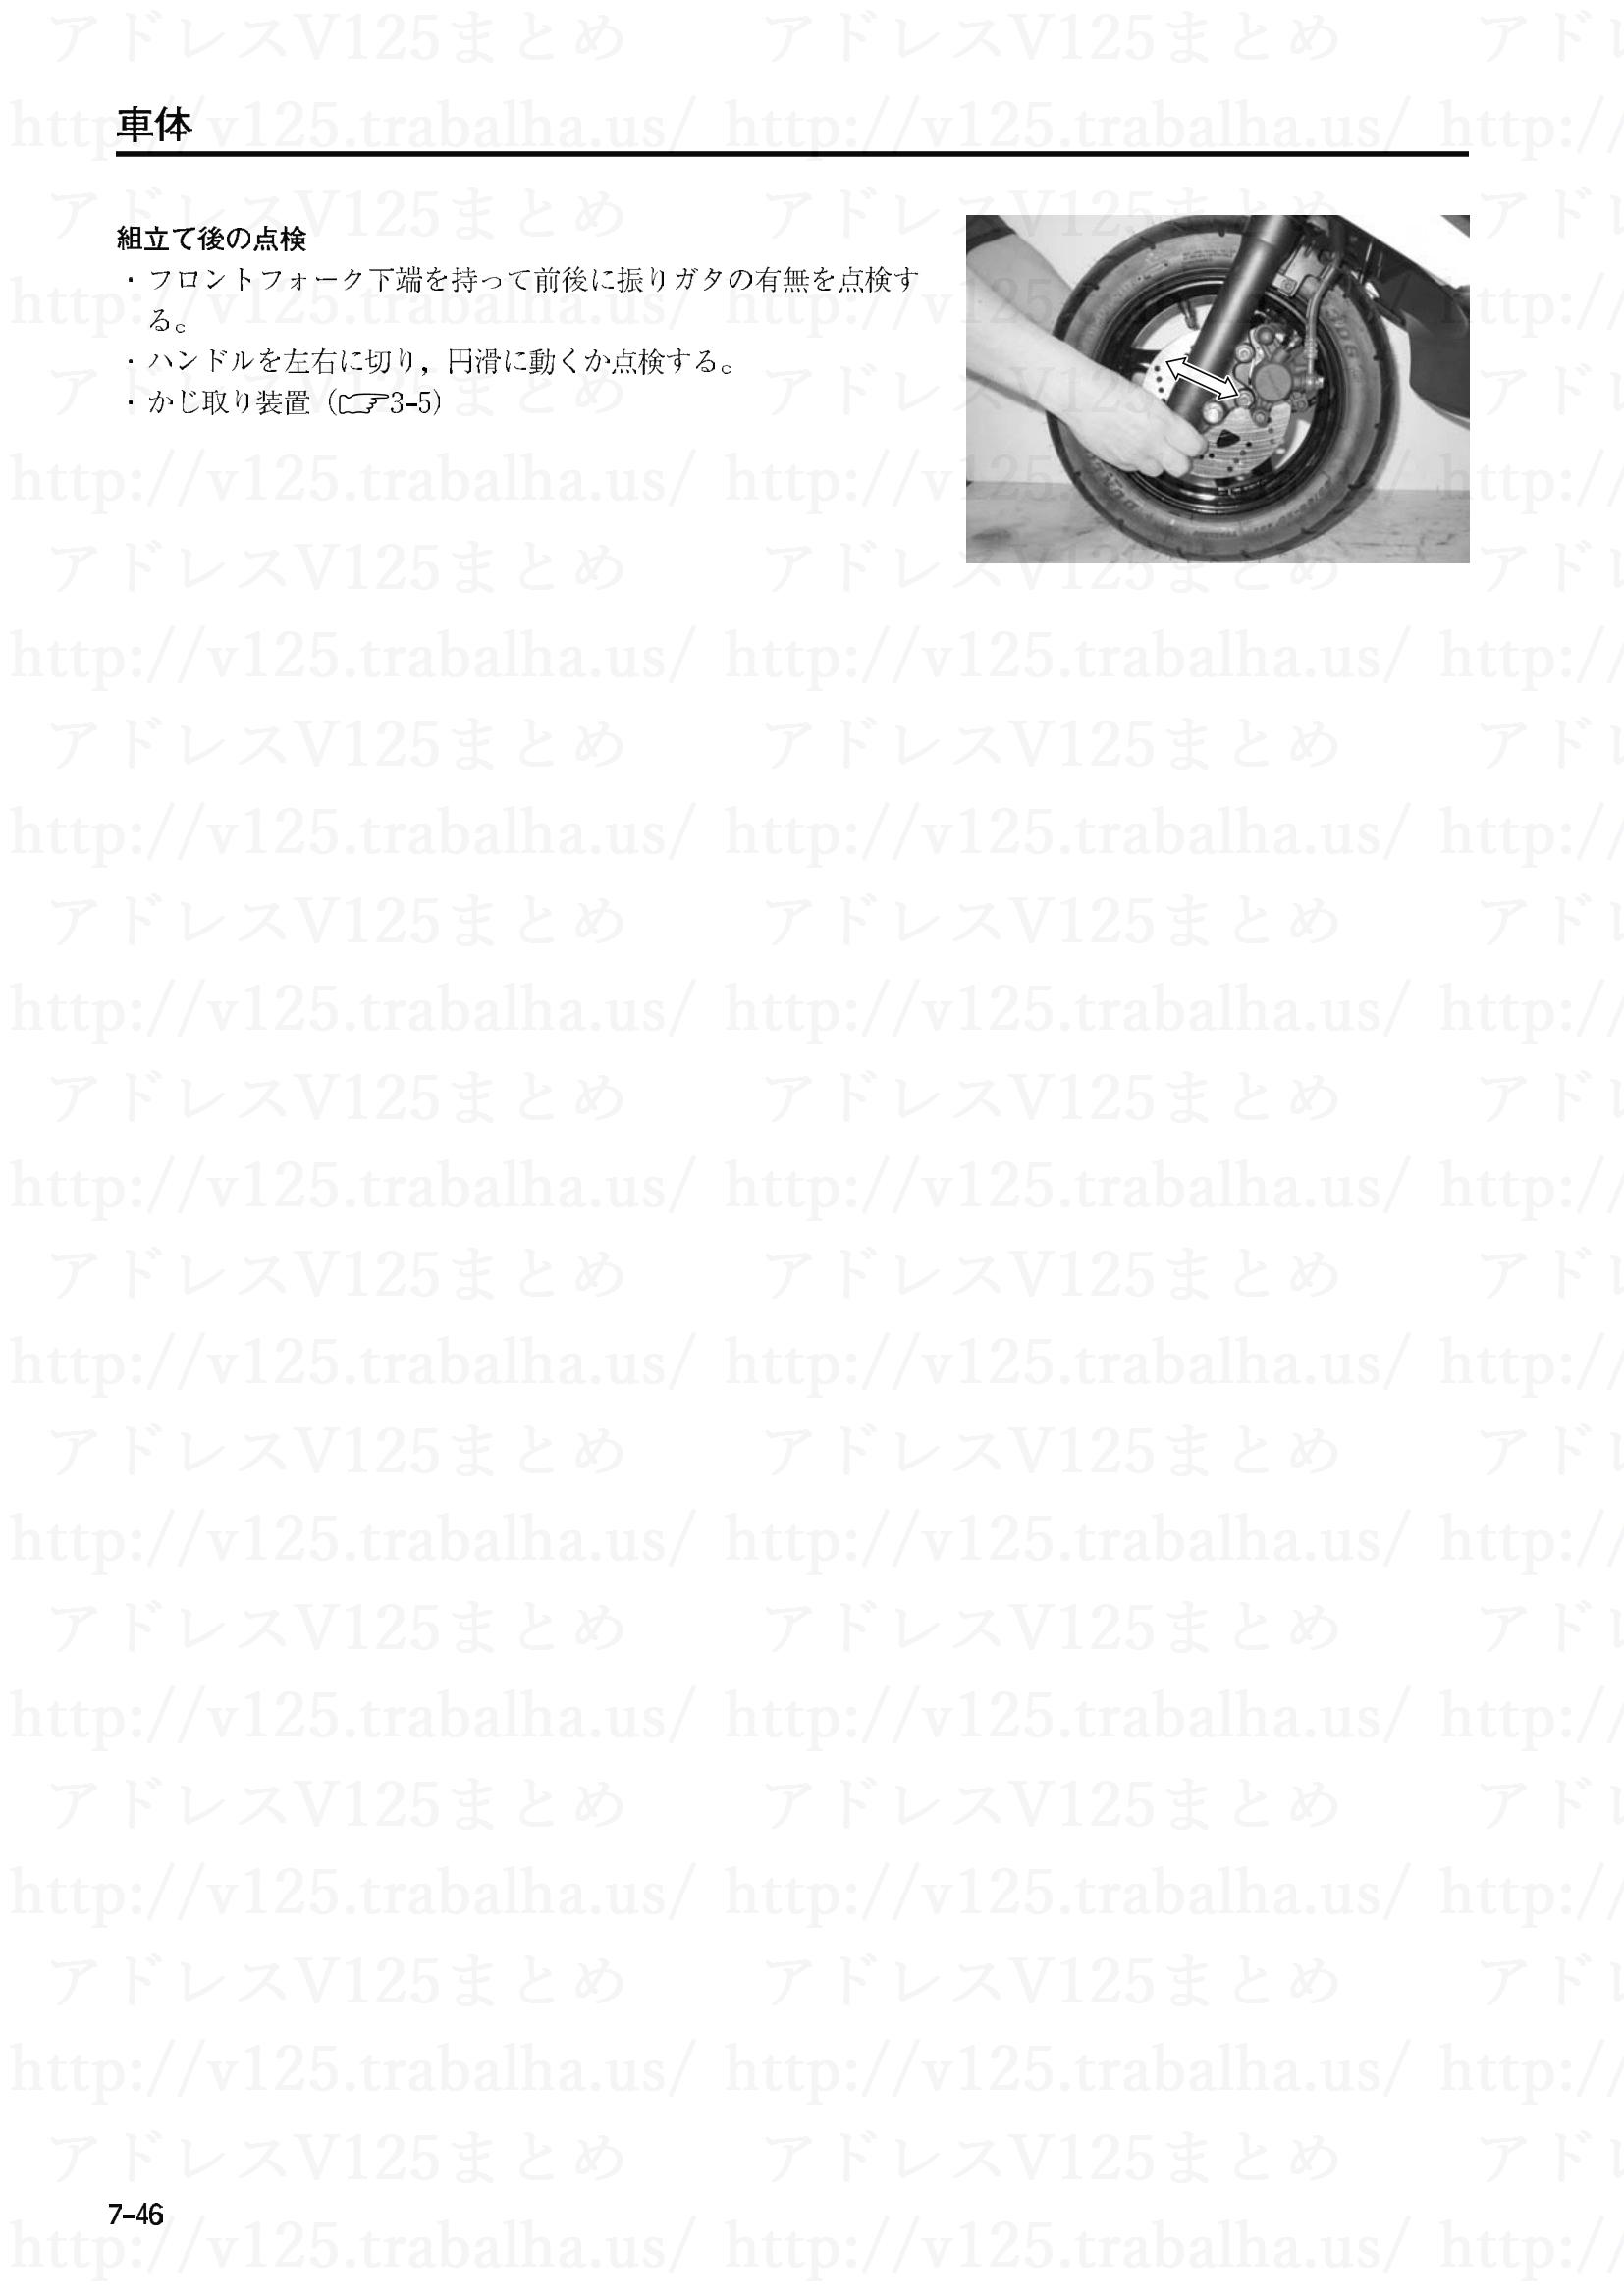 7-46【車体】組立て後の点検